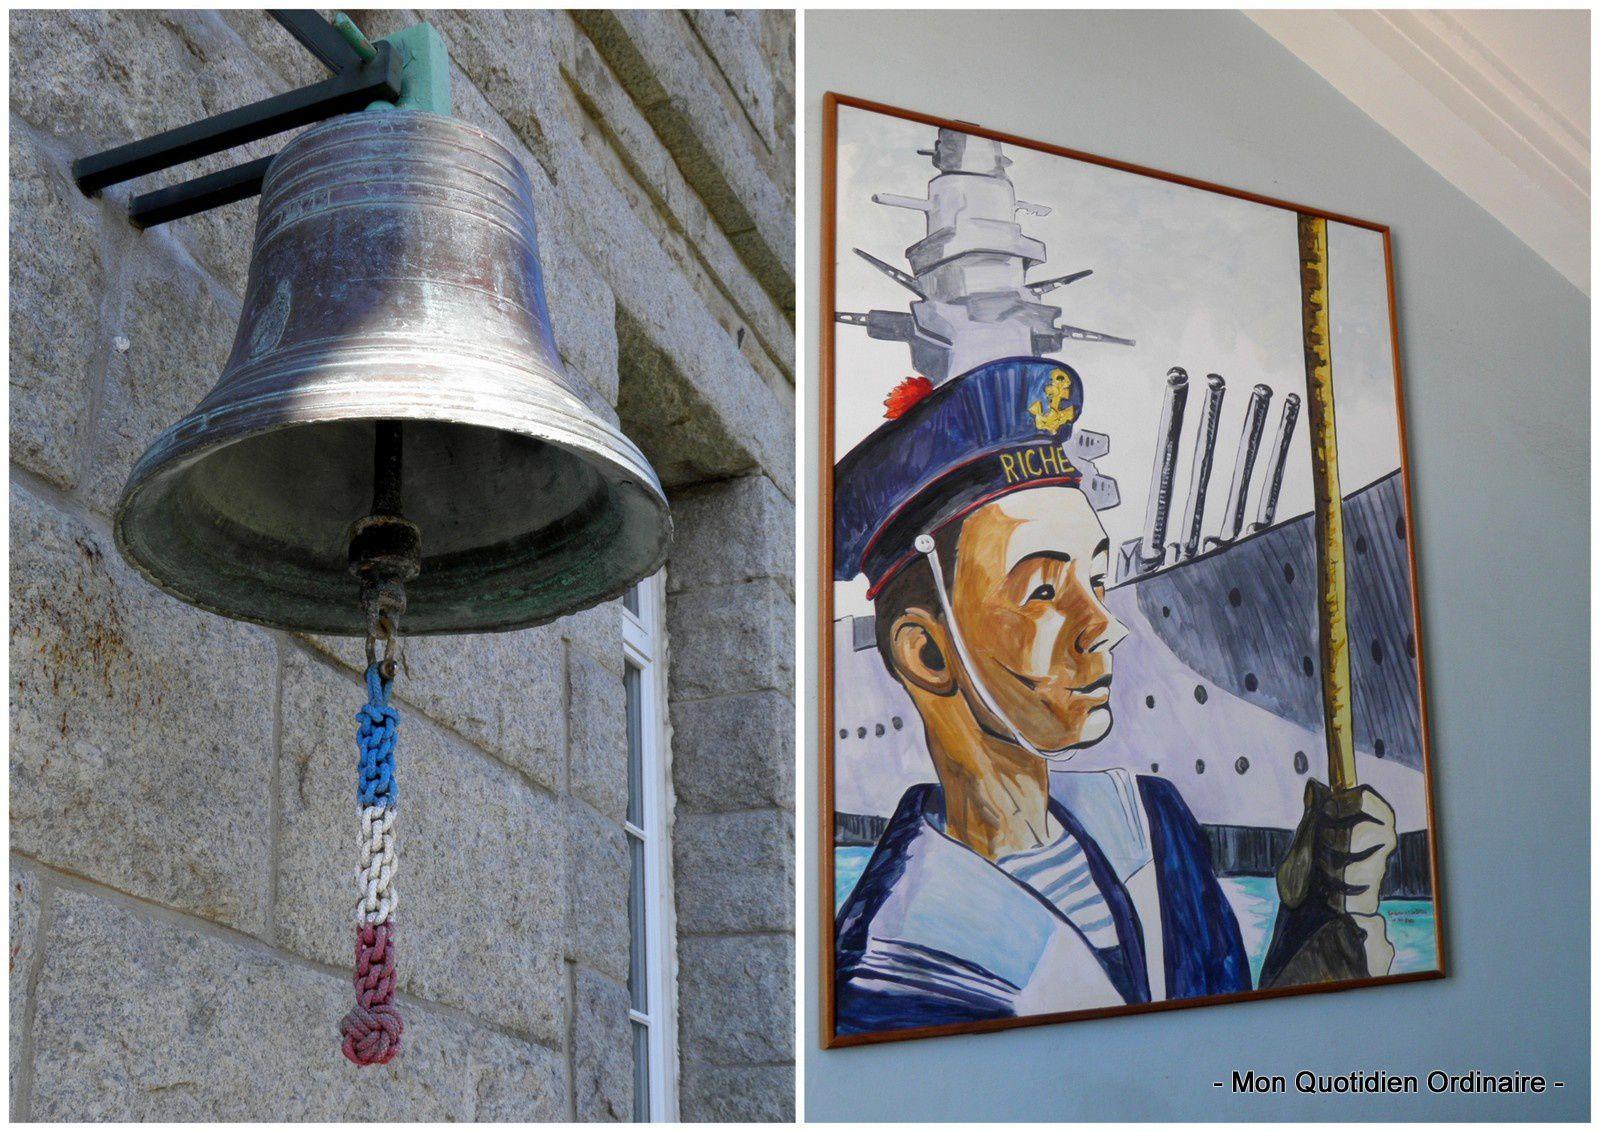 Journées du Patrimoine 2015 à Brest